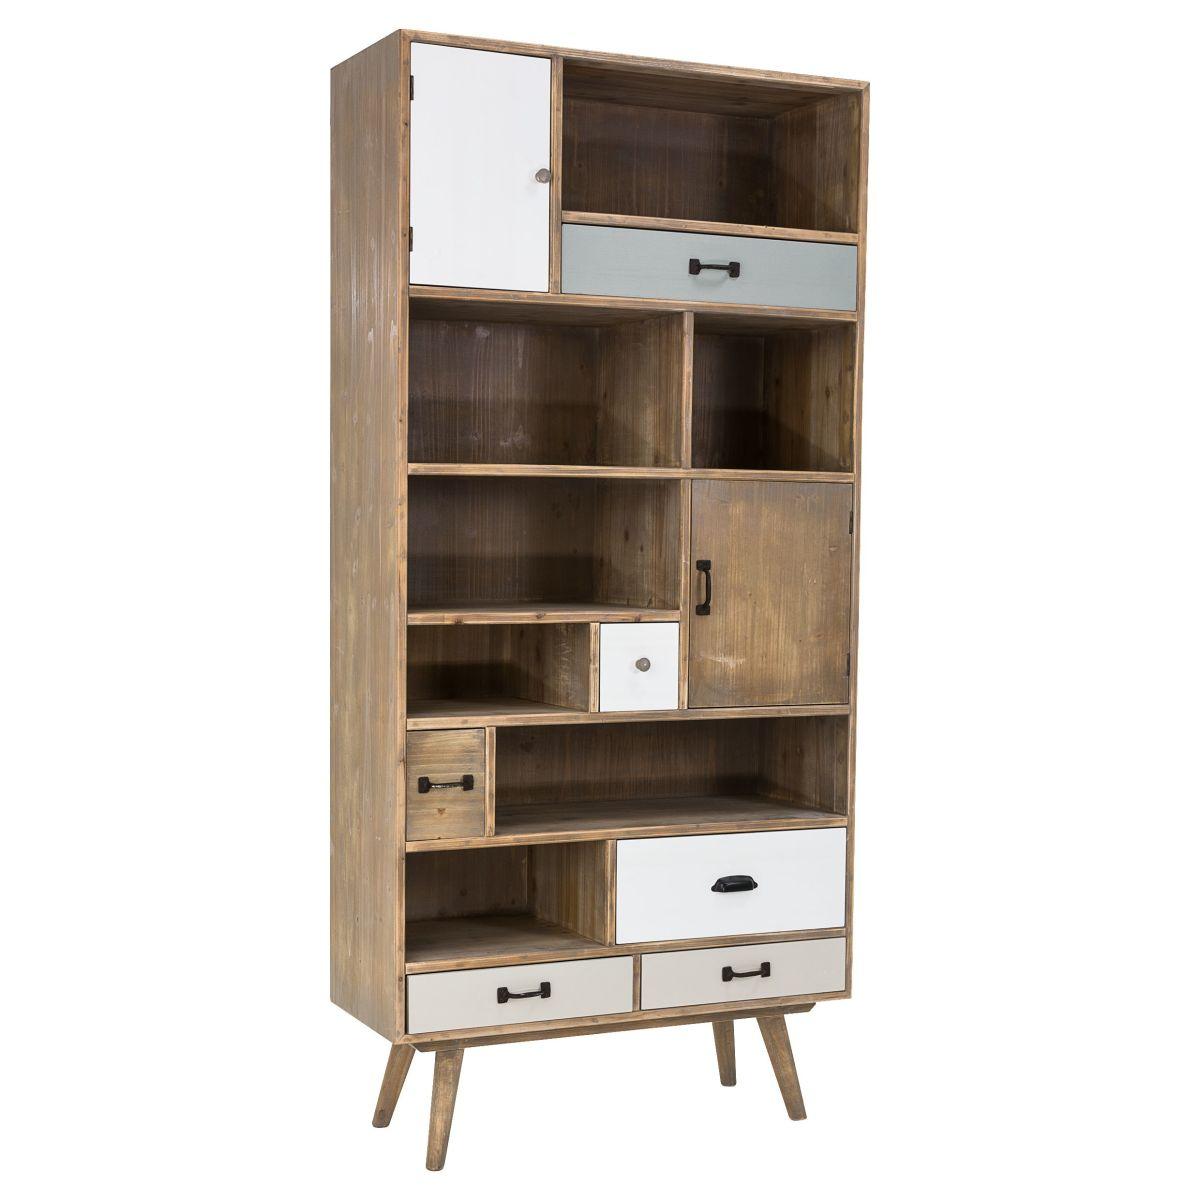 schrank im skandinavischen look versandkostenfrei bestellen. Black Bedroom Furniture Sets. Home Design Ideas